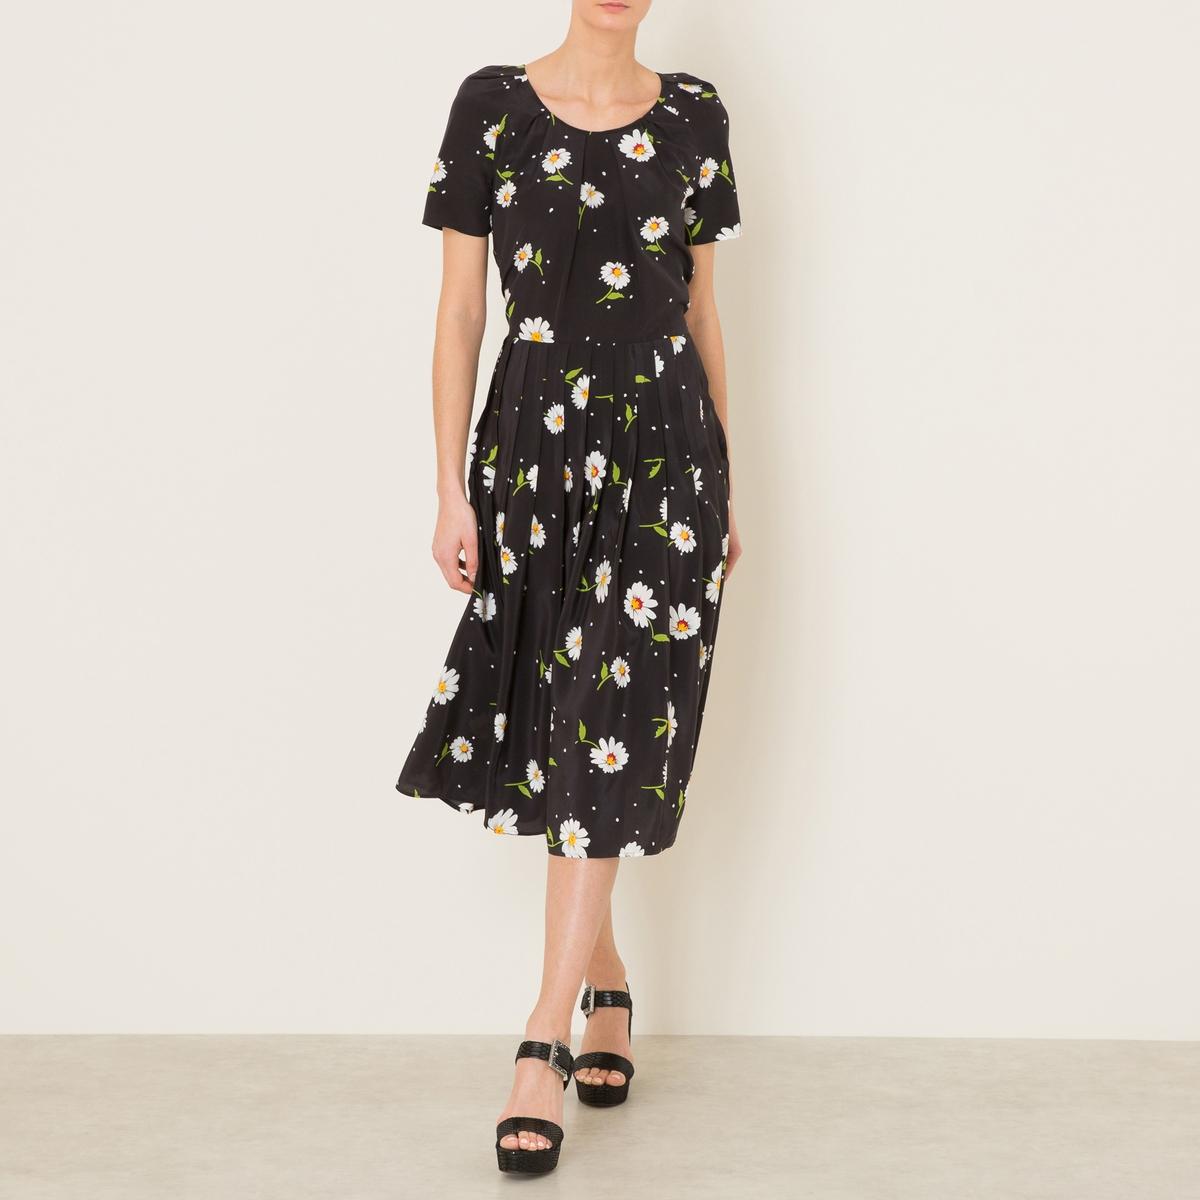 Платье шелковое с рисункомСостав и описание Материал : 100% шелкДлина : ок.127 см. для размера 36Марка : THE KOOPLES<br><br>Цвет: рисунок черный